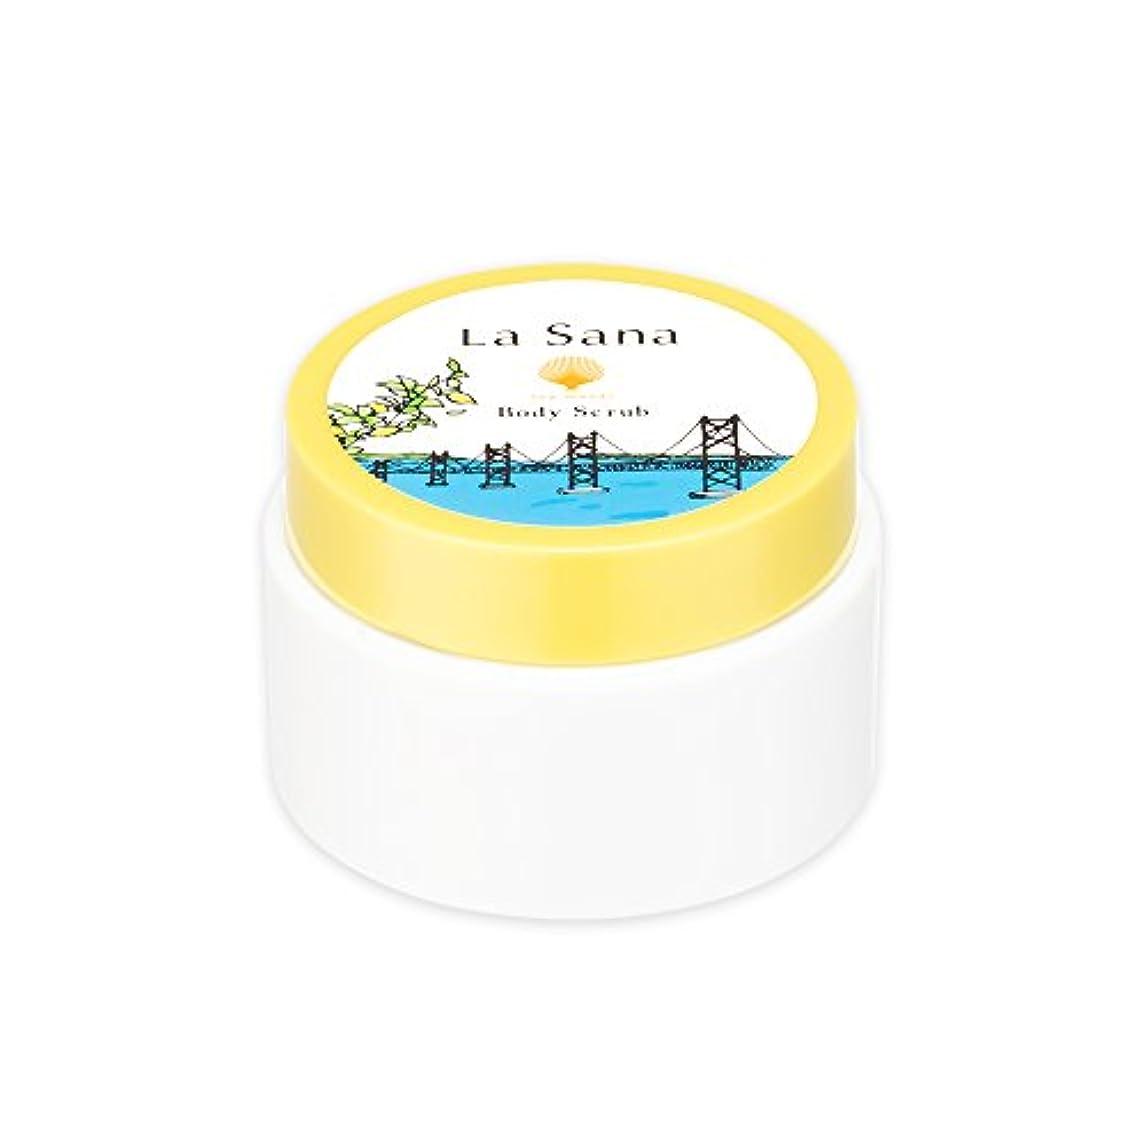 猟犬顎これらラサーナ La sana 海藻 ボディ スクラブ 100g 限定 瀬戸内レモンの香り ボディケア 日本製 (約1ヵ月分)